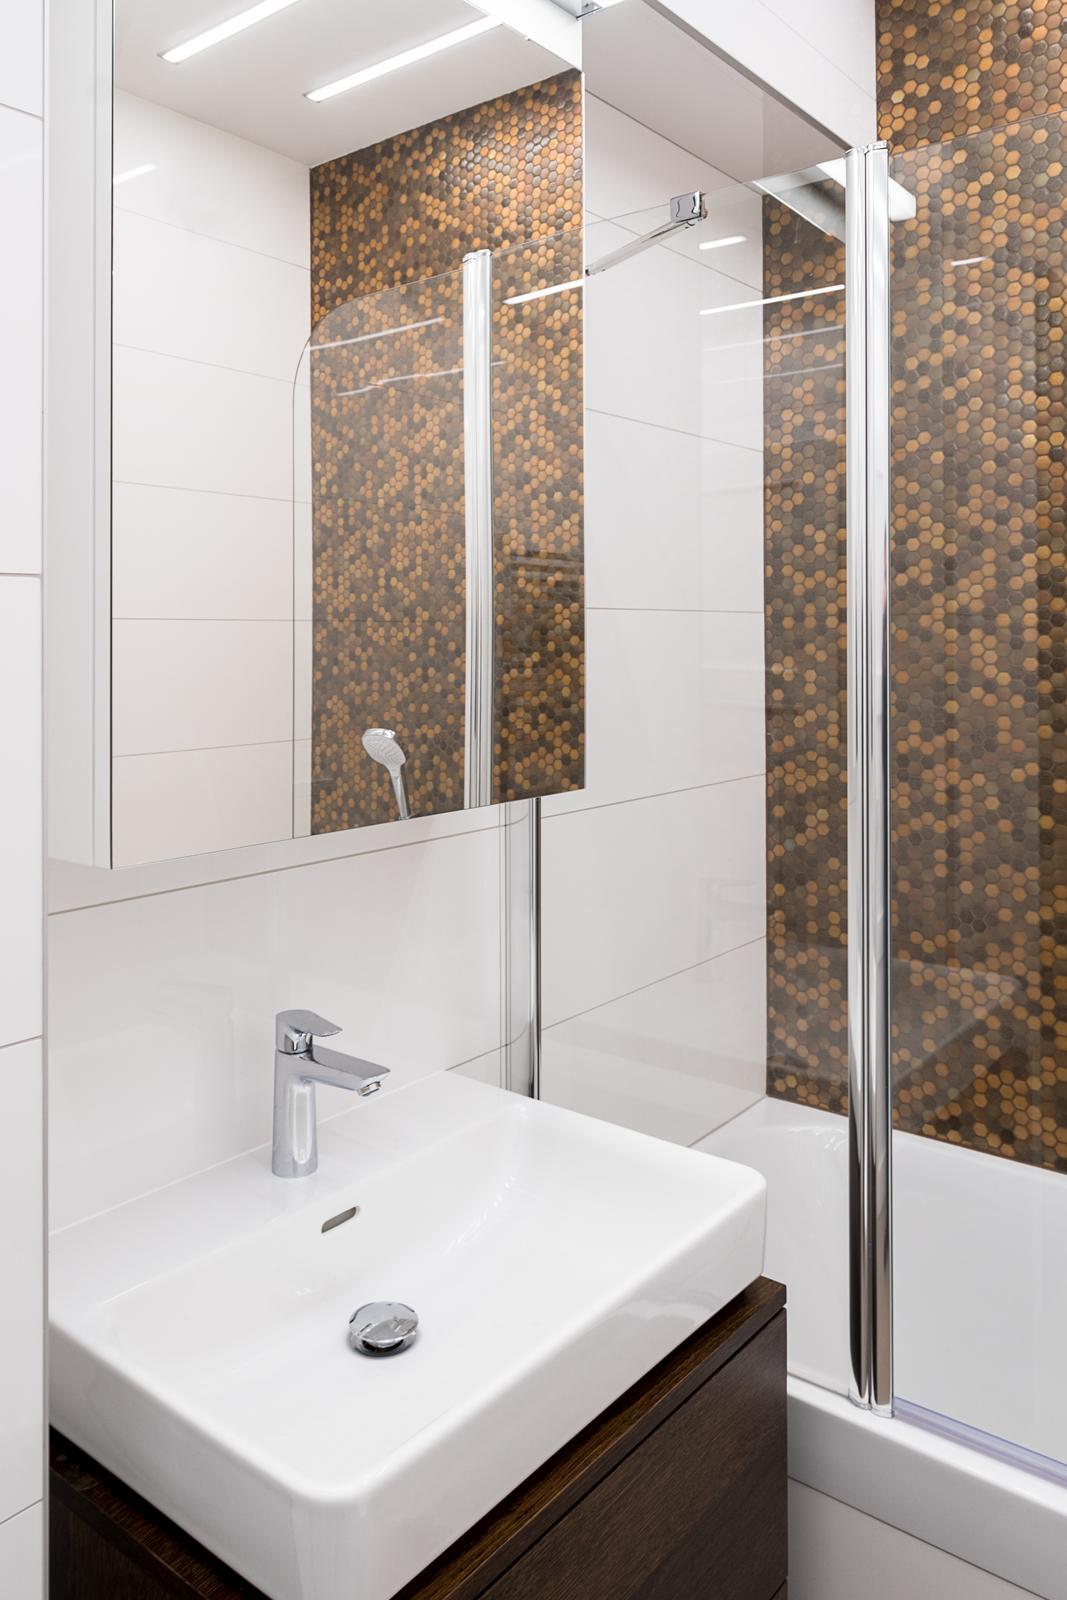 Dizajn a výroba nábytku na mieru Cubica - Závesná kúpeľňová skrinka pod umývadlo a vrchná zrkadlová skrinka - dub tmavý - výroba cubica